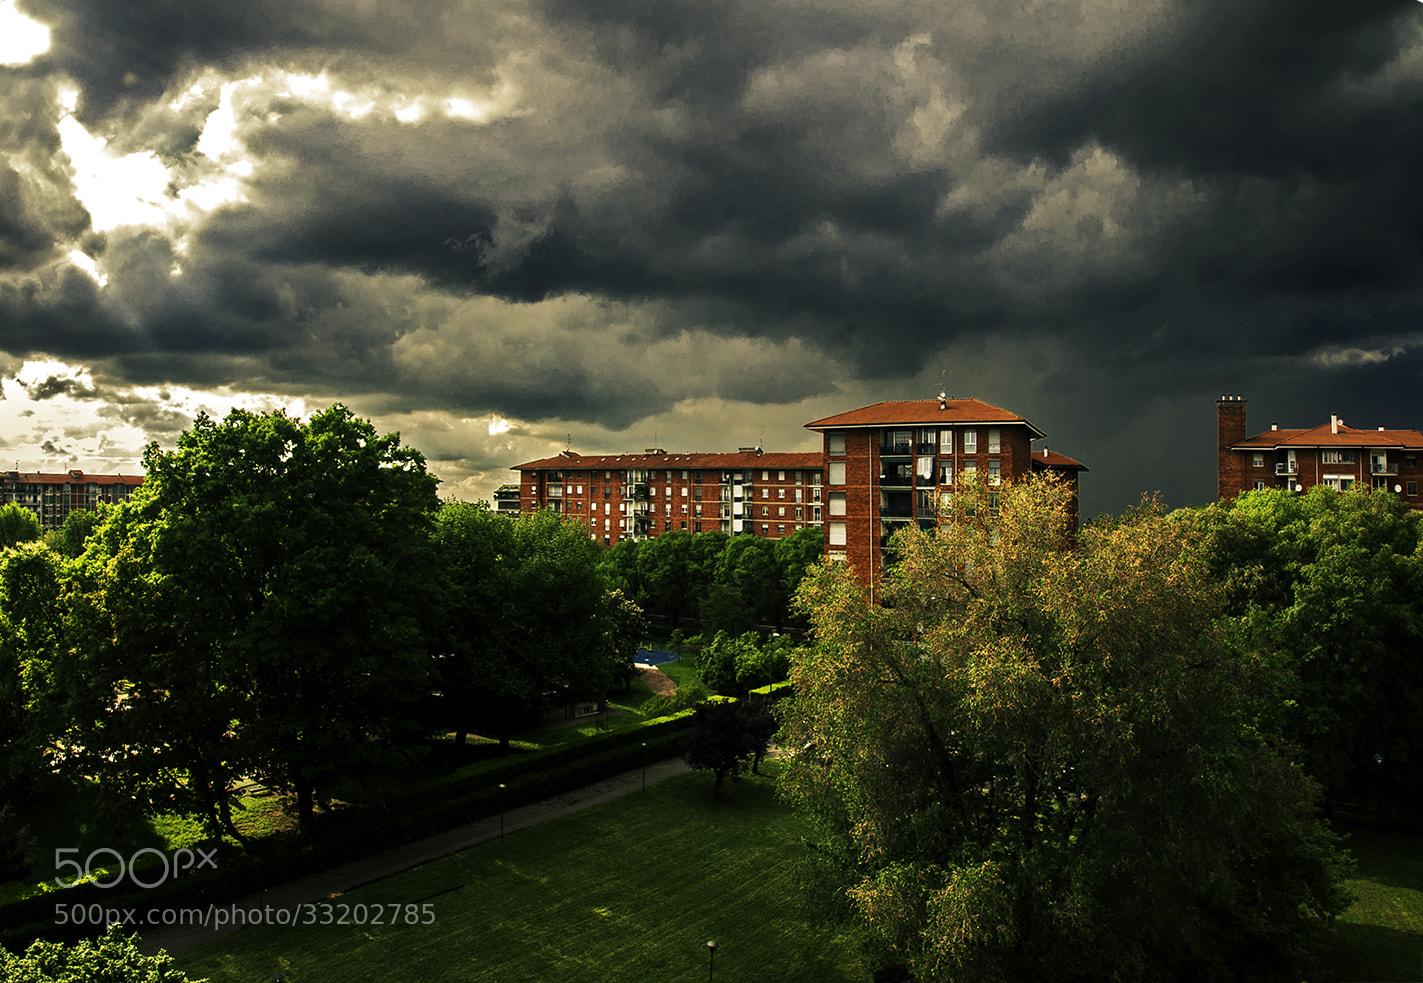 Photograph Sun or Storm? by Simone Furiosi on 500px